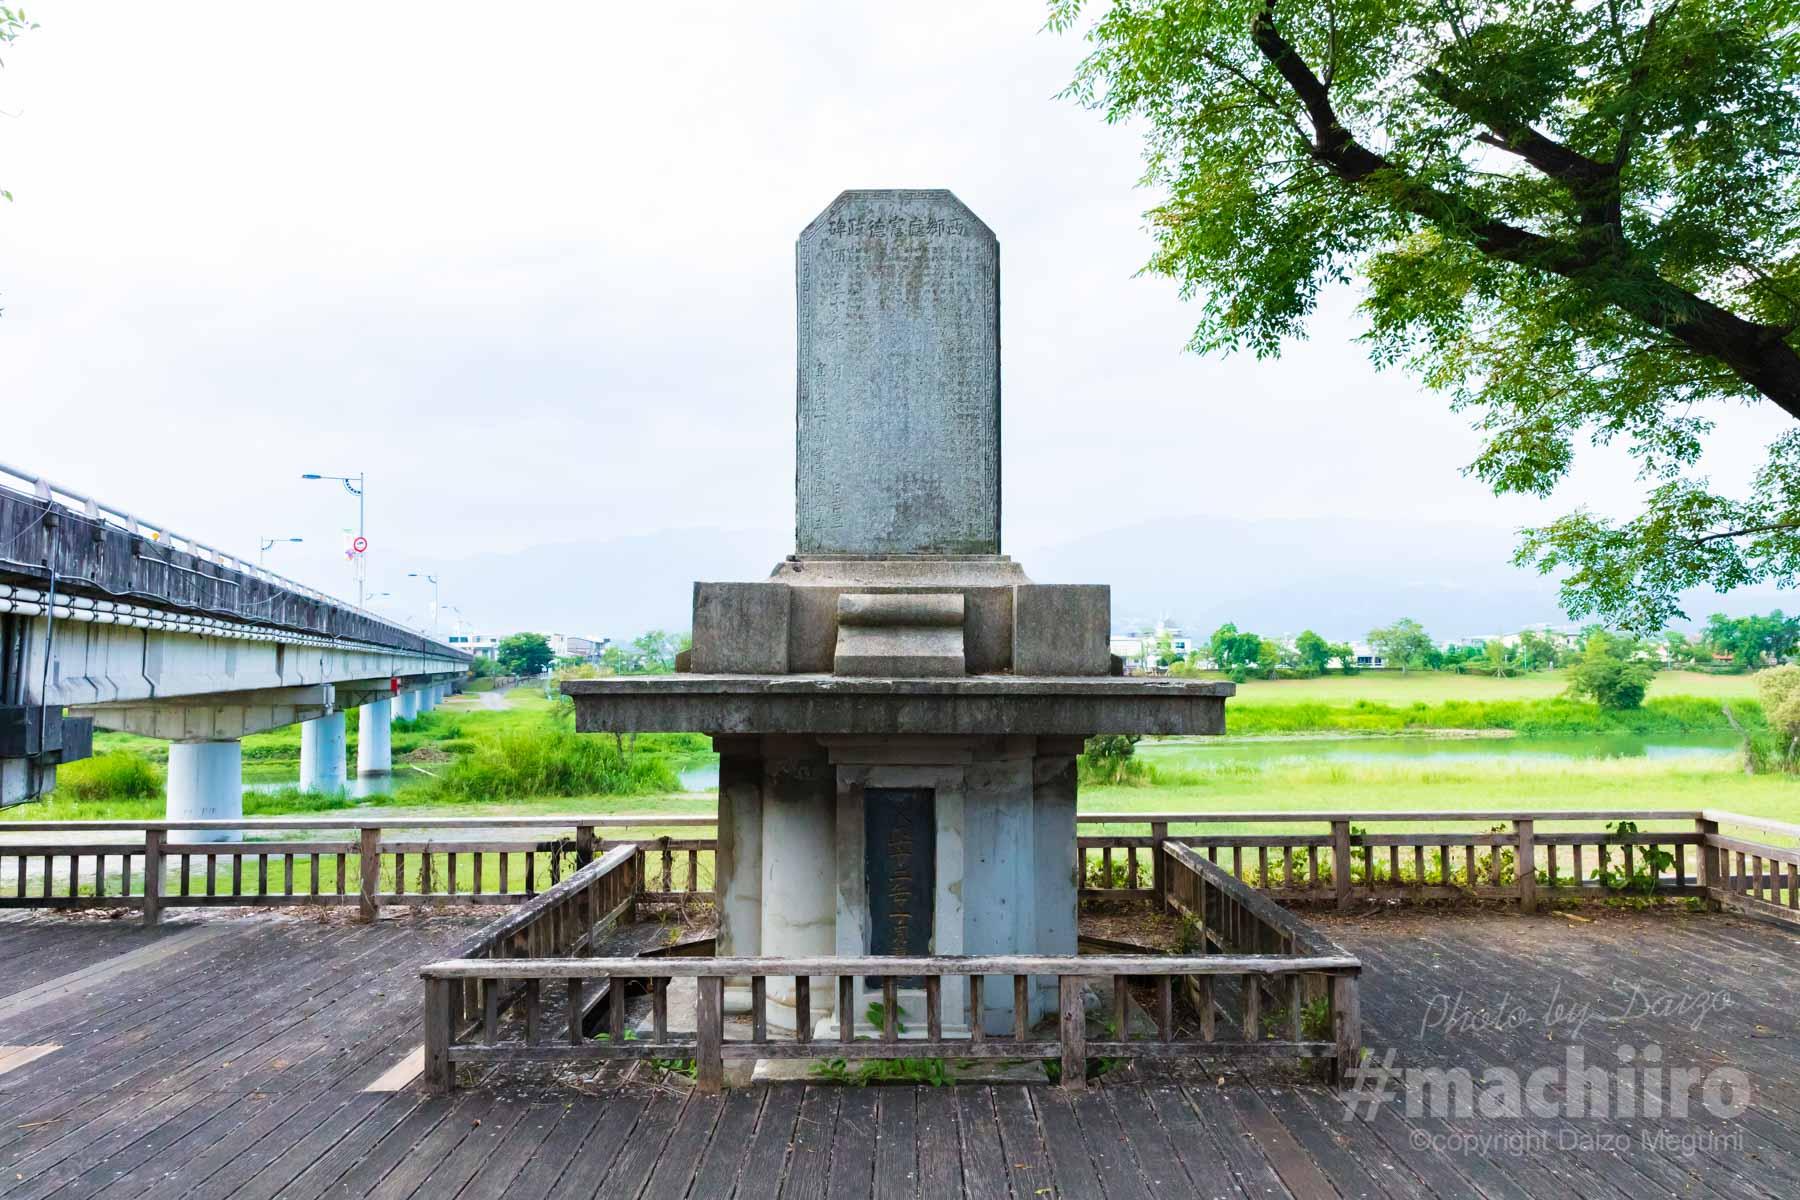 マチイロ撮影 西郷庁憲徳政碑の写真